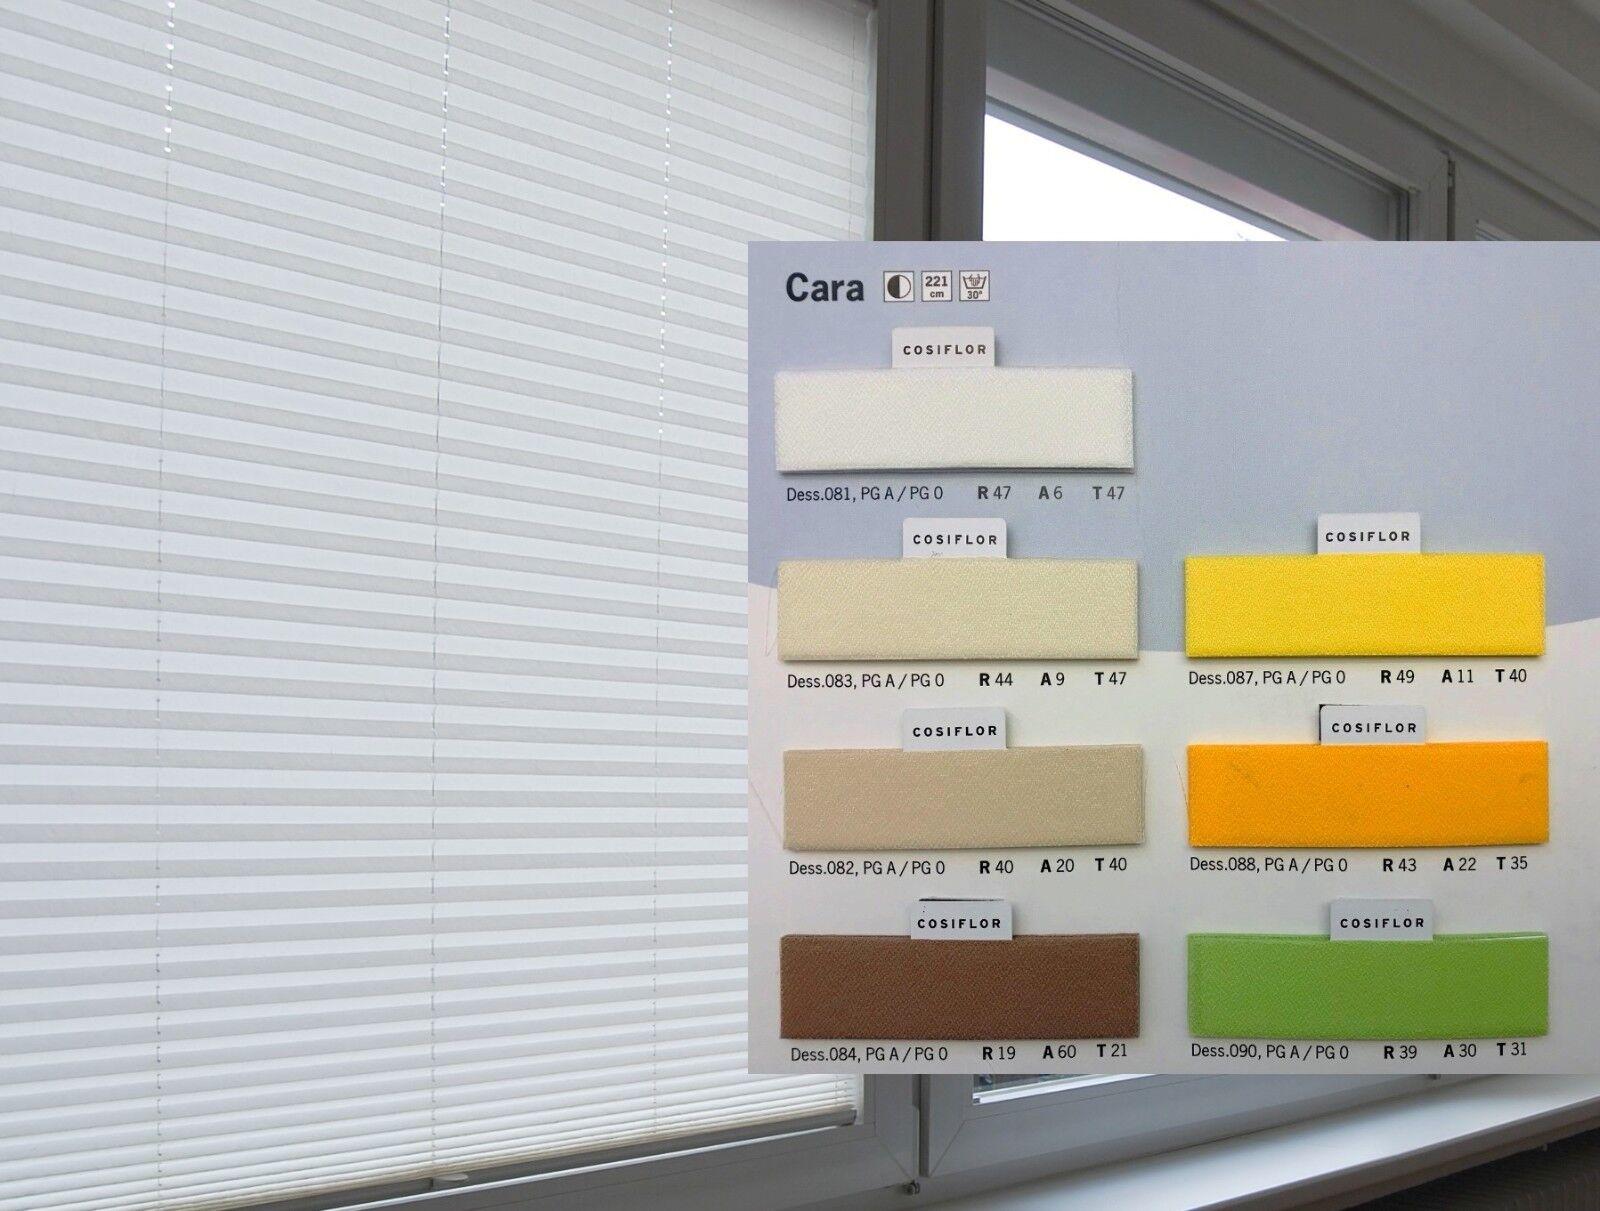 Cosiflor Cara Sichtschutz Plissee Faltstore Rollo Fenster Made in in in Germany | Zu einem erschwinglichen Preis  | Niedriger Preis und gute Qualität  | Modernes Design  66f640